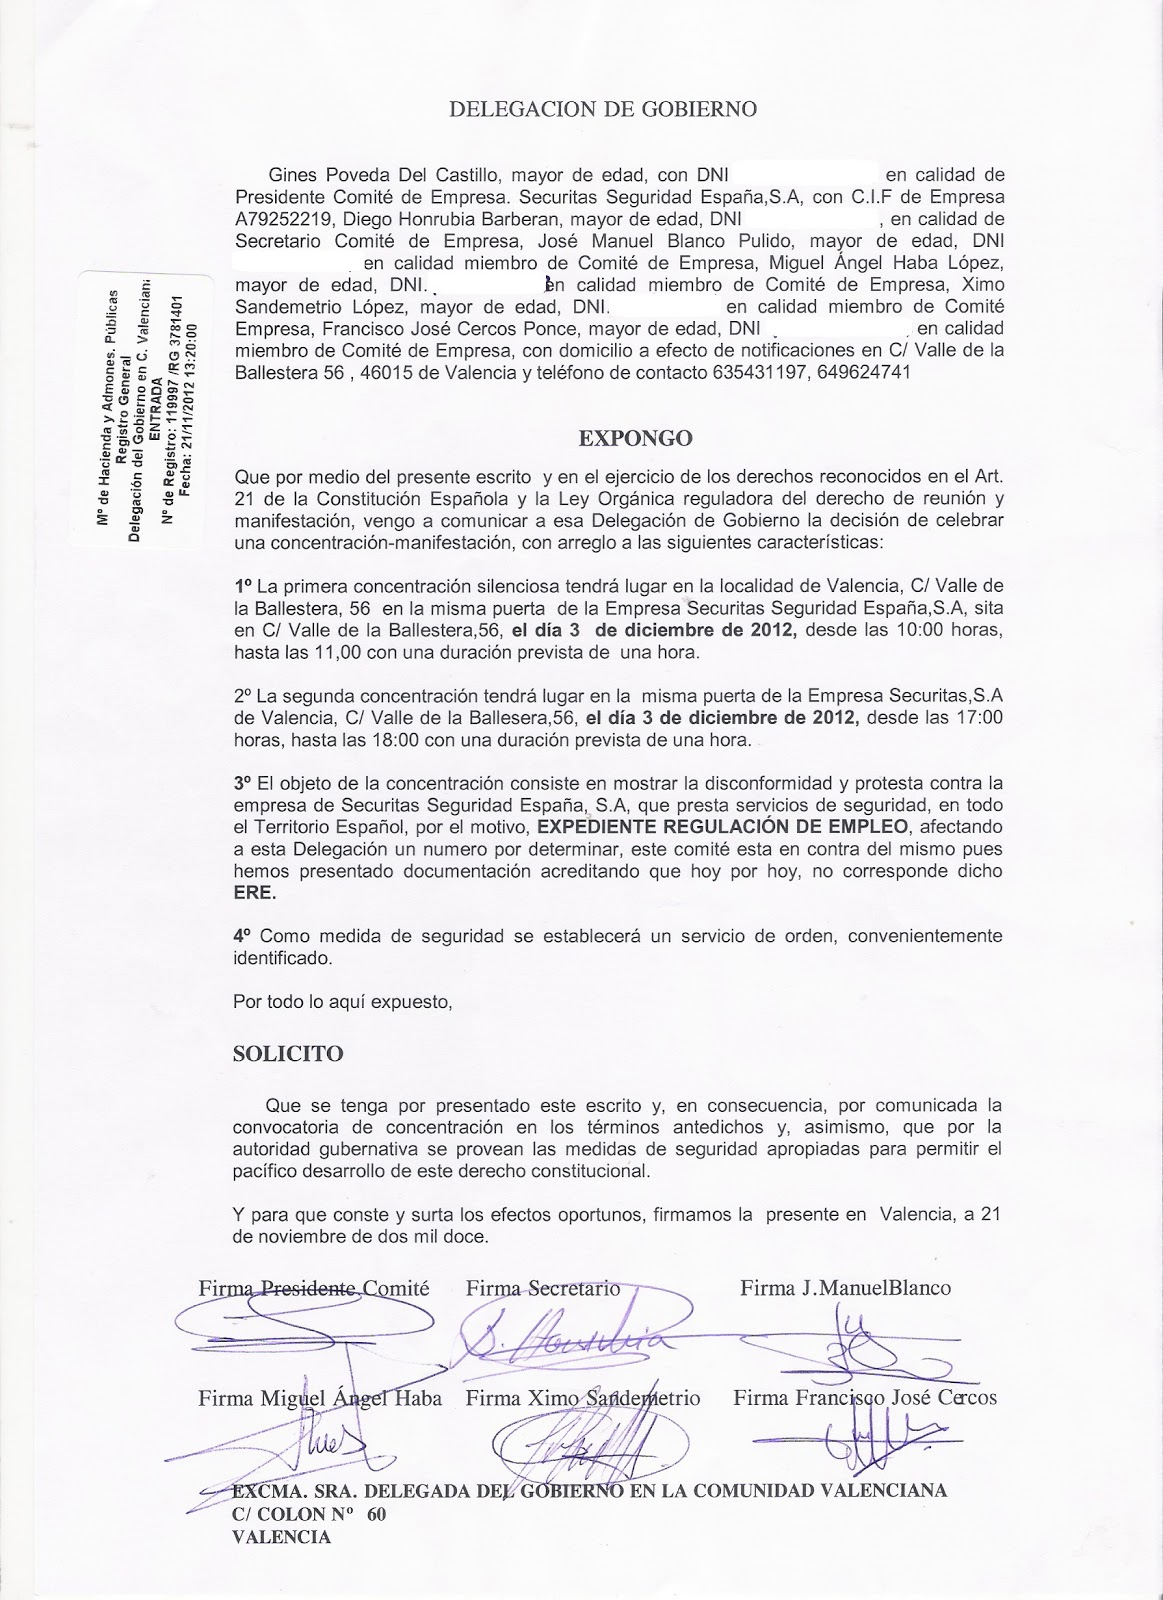 Securritos concentraci n en valencia por el ere de securitas for Convenio colectivo de oficinas y despachos valencia